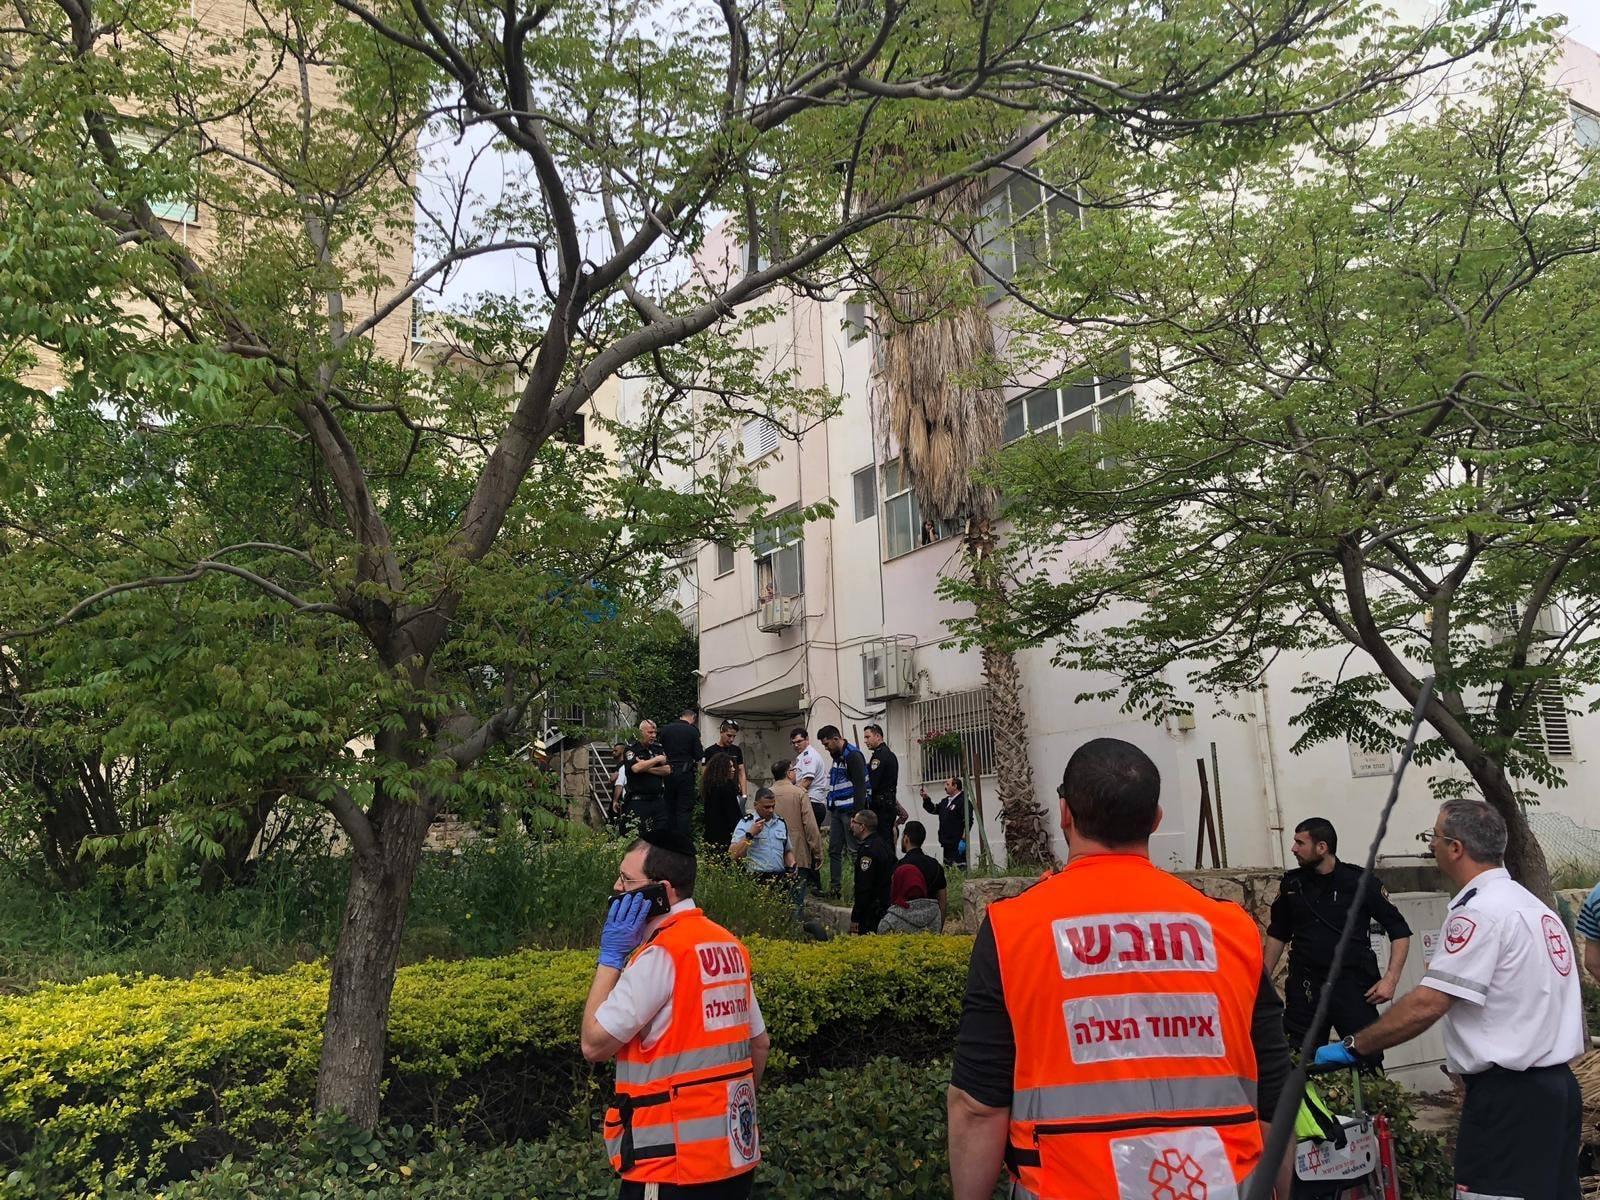 حيفا: 16 مصابا 4 منهم بحالة خطيرة بحريق منزل